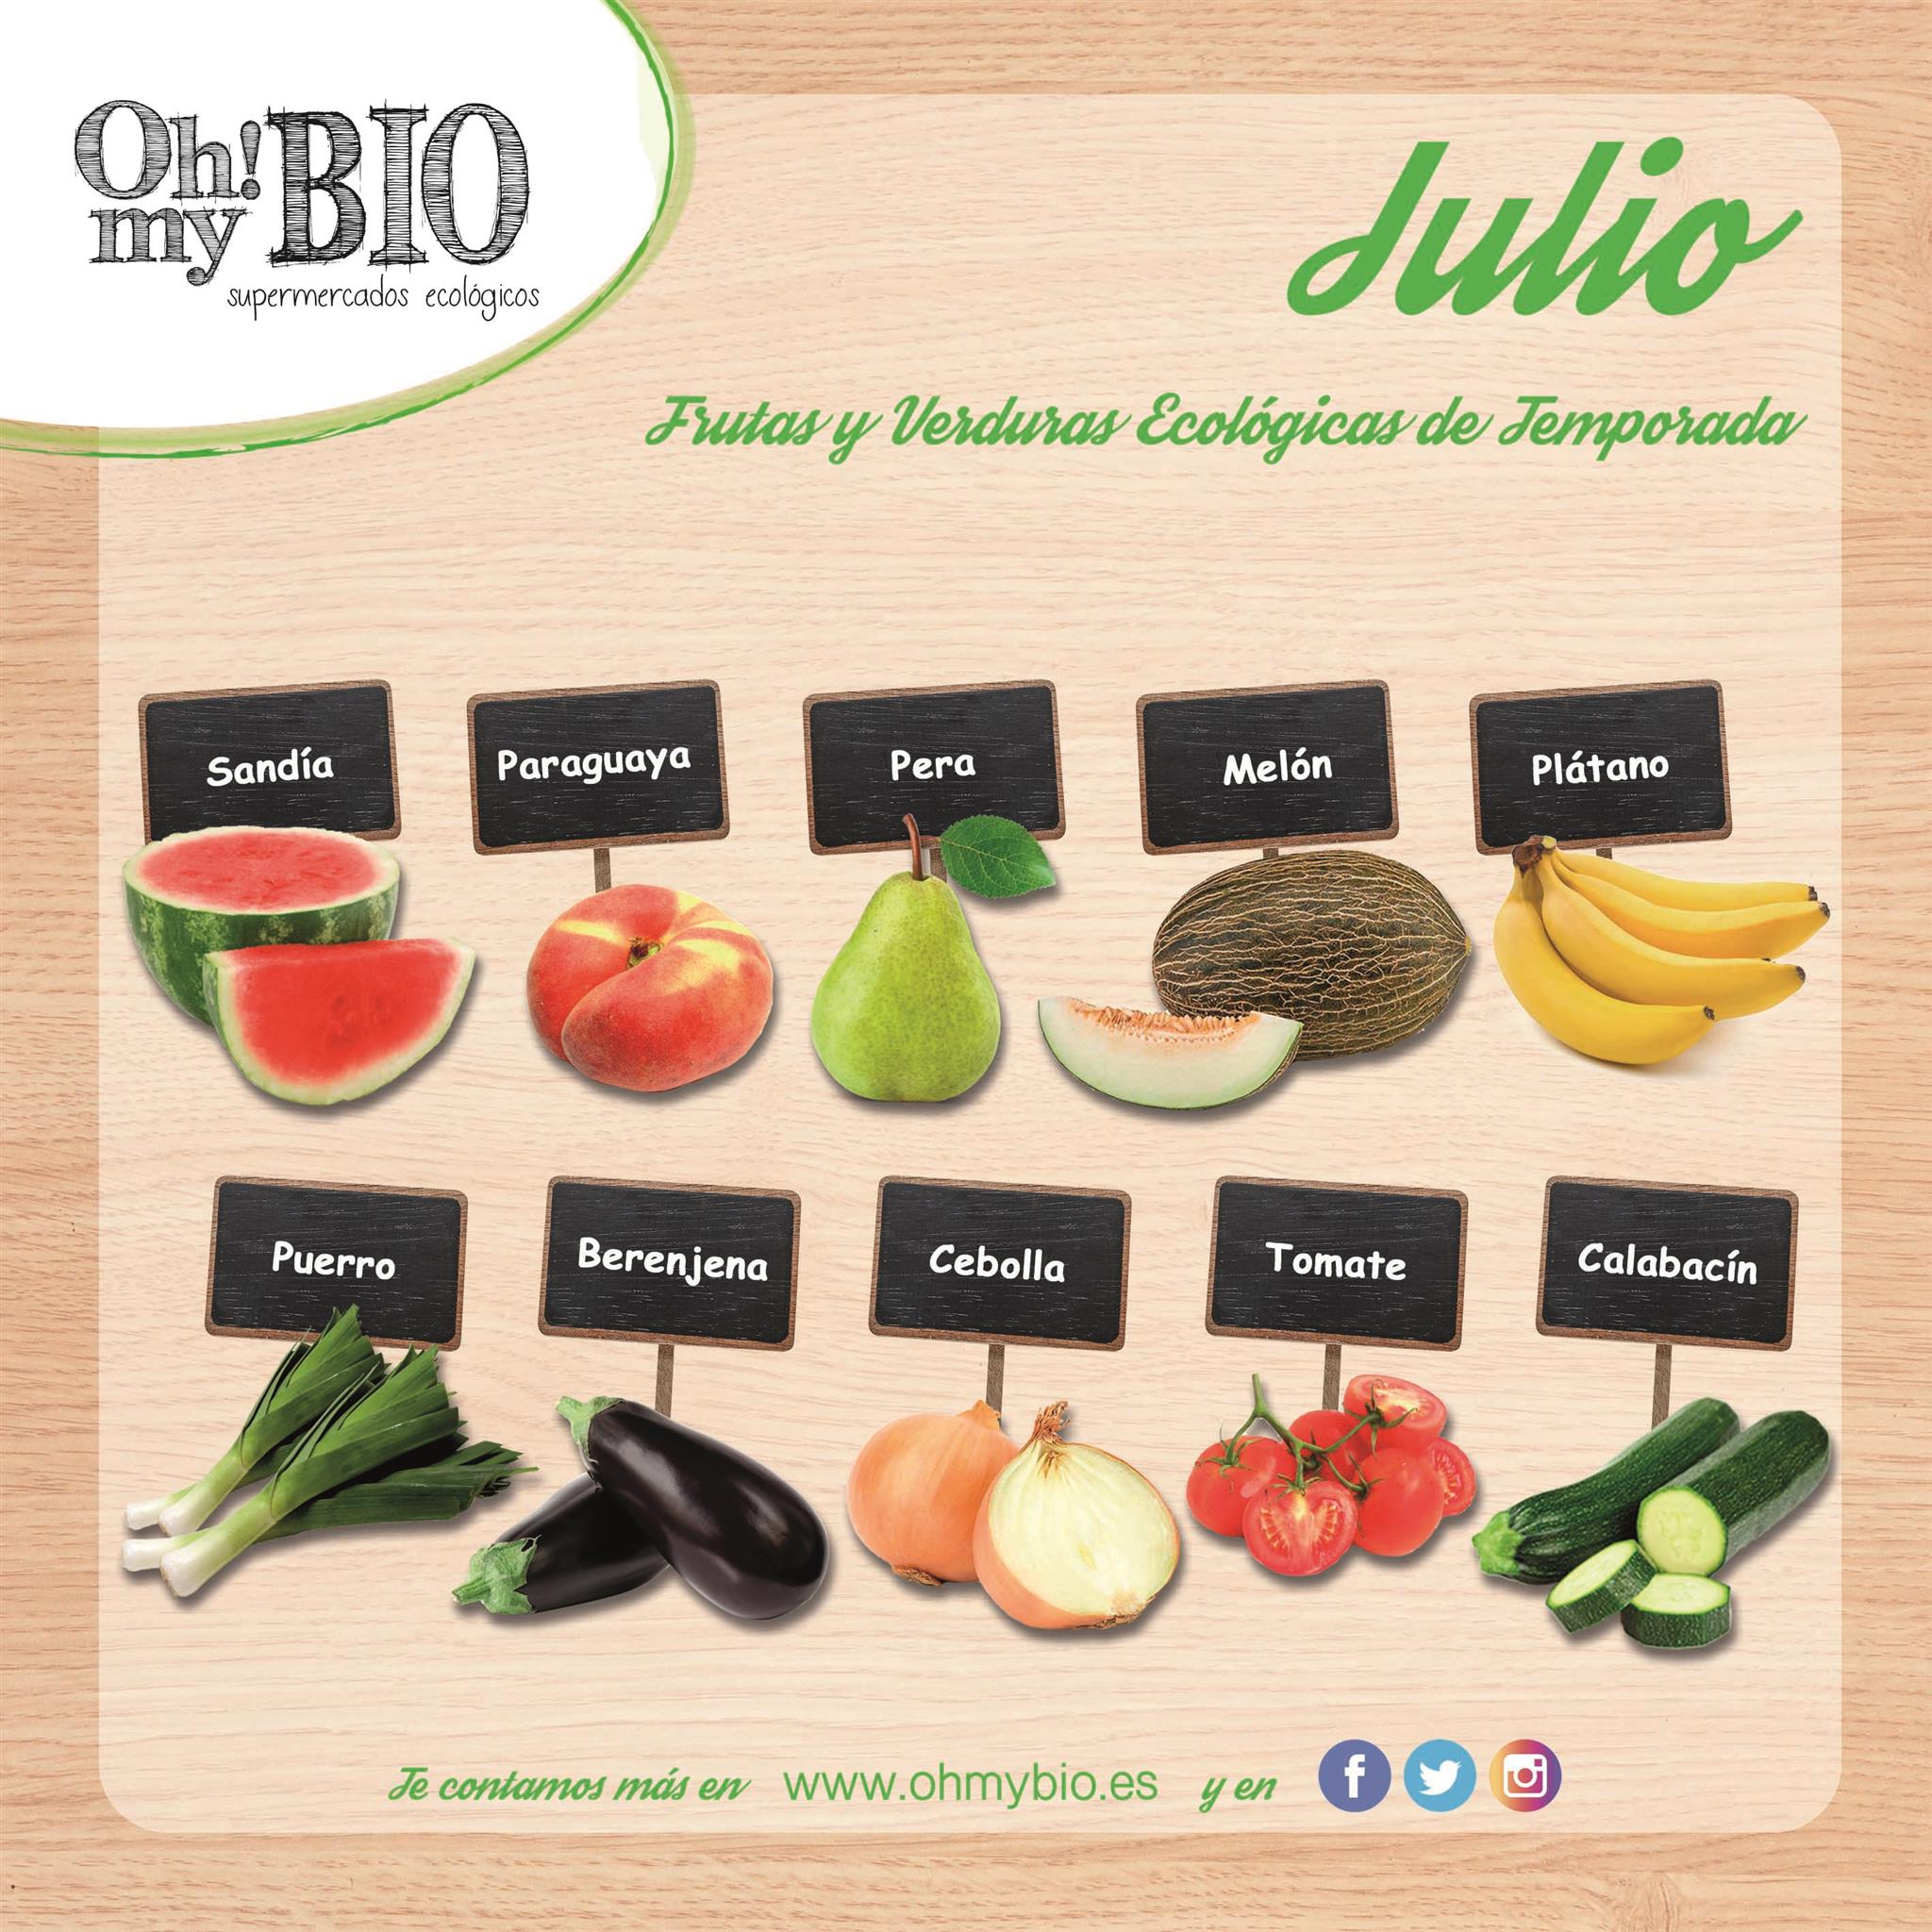 Frutas y verduras en temporada de julio